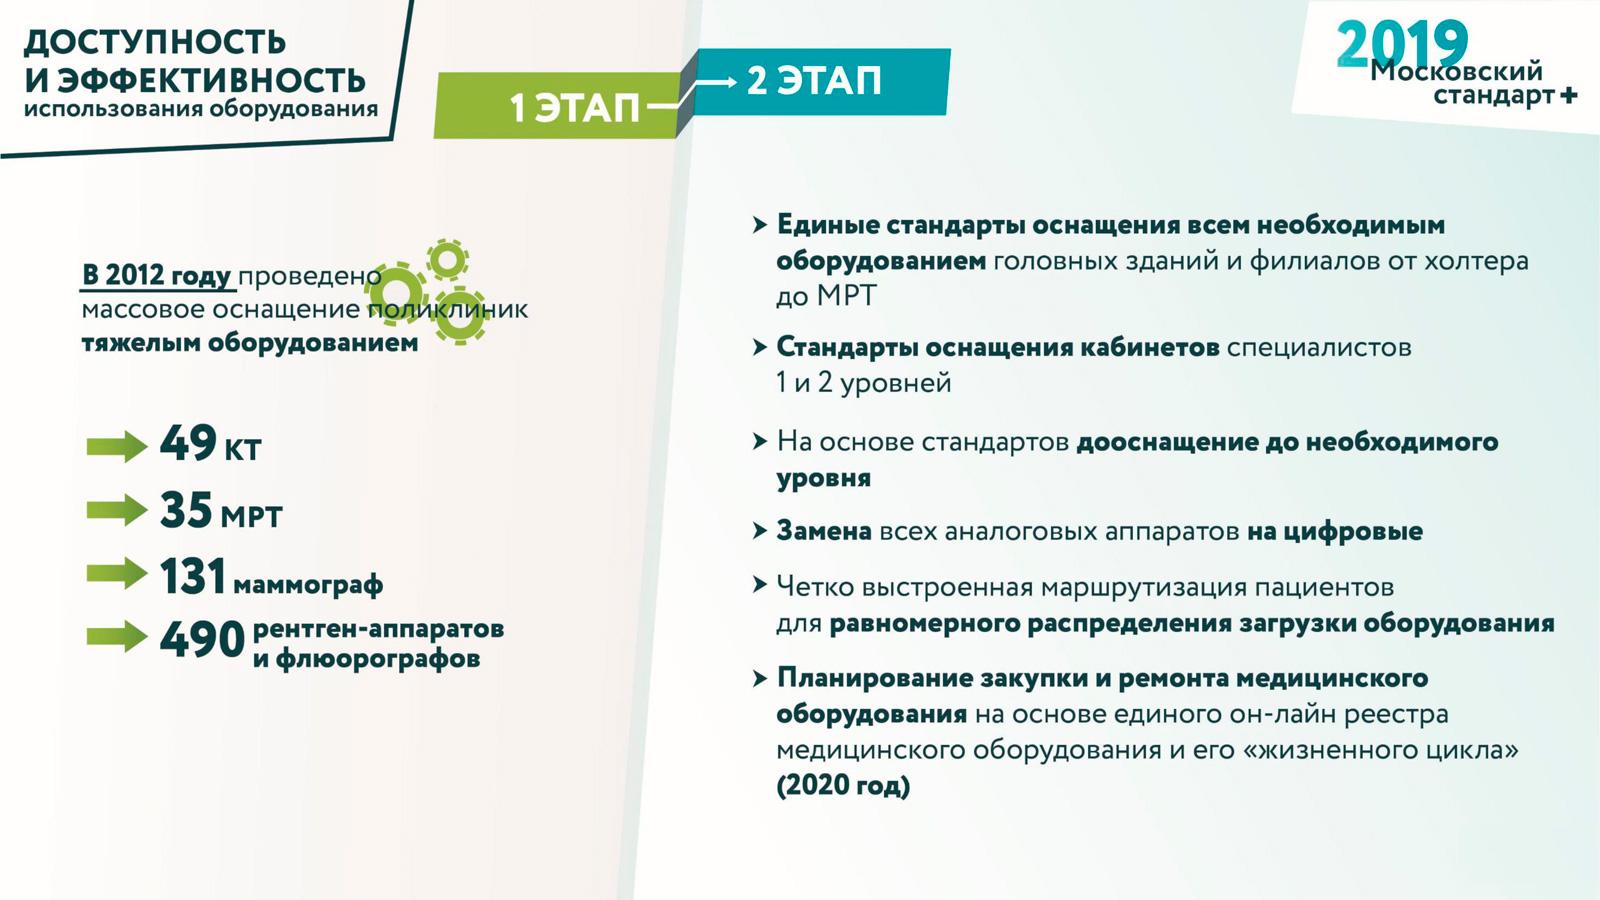 Блог Сергея Собянина. Поликлиники. «Московский стандарт+» - фото 1